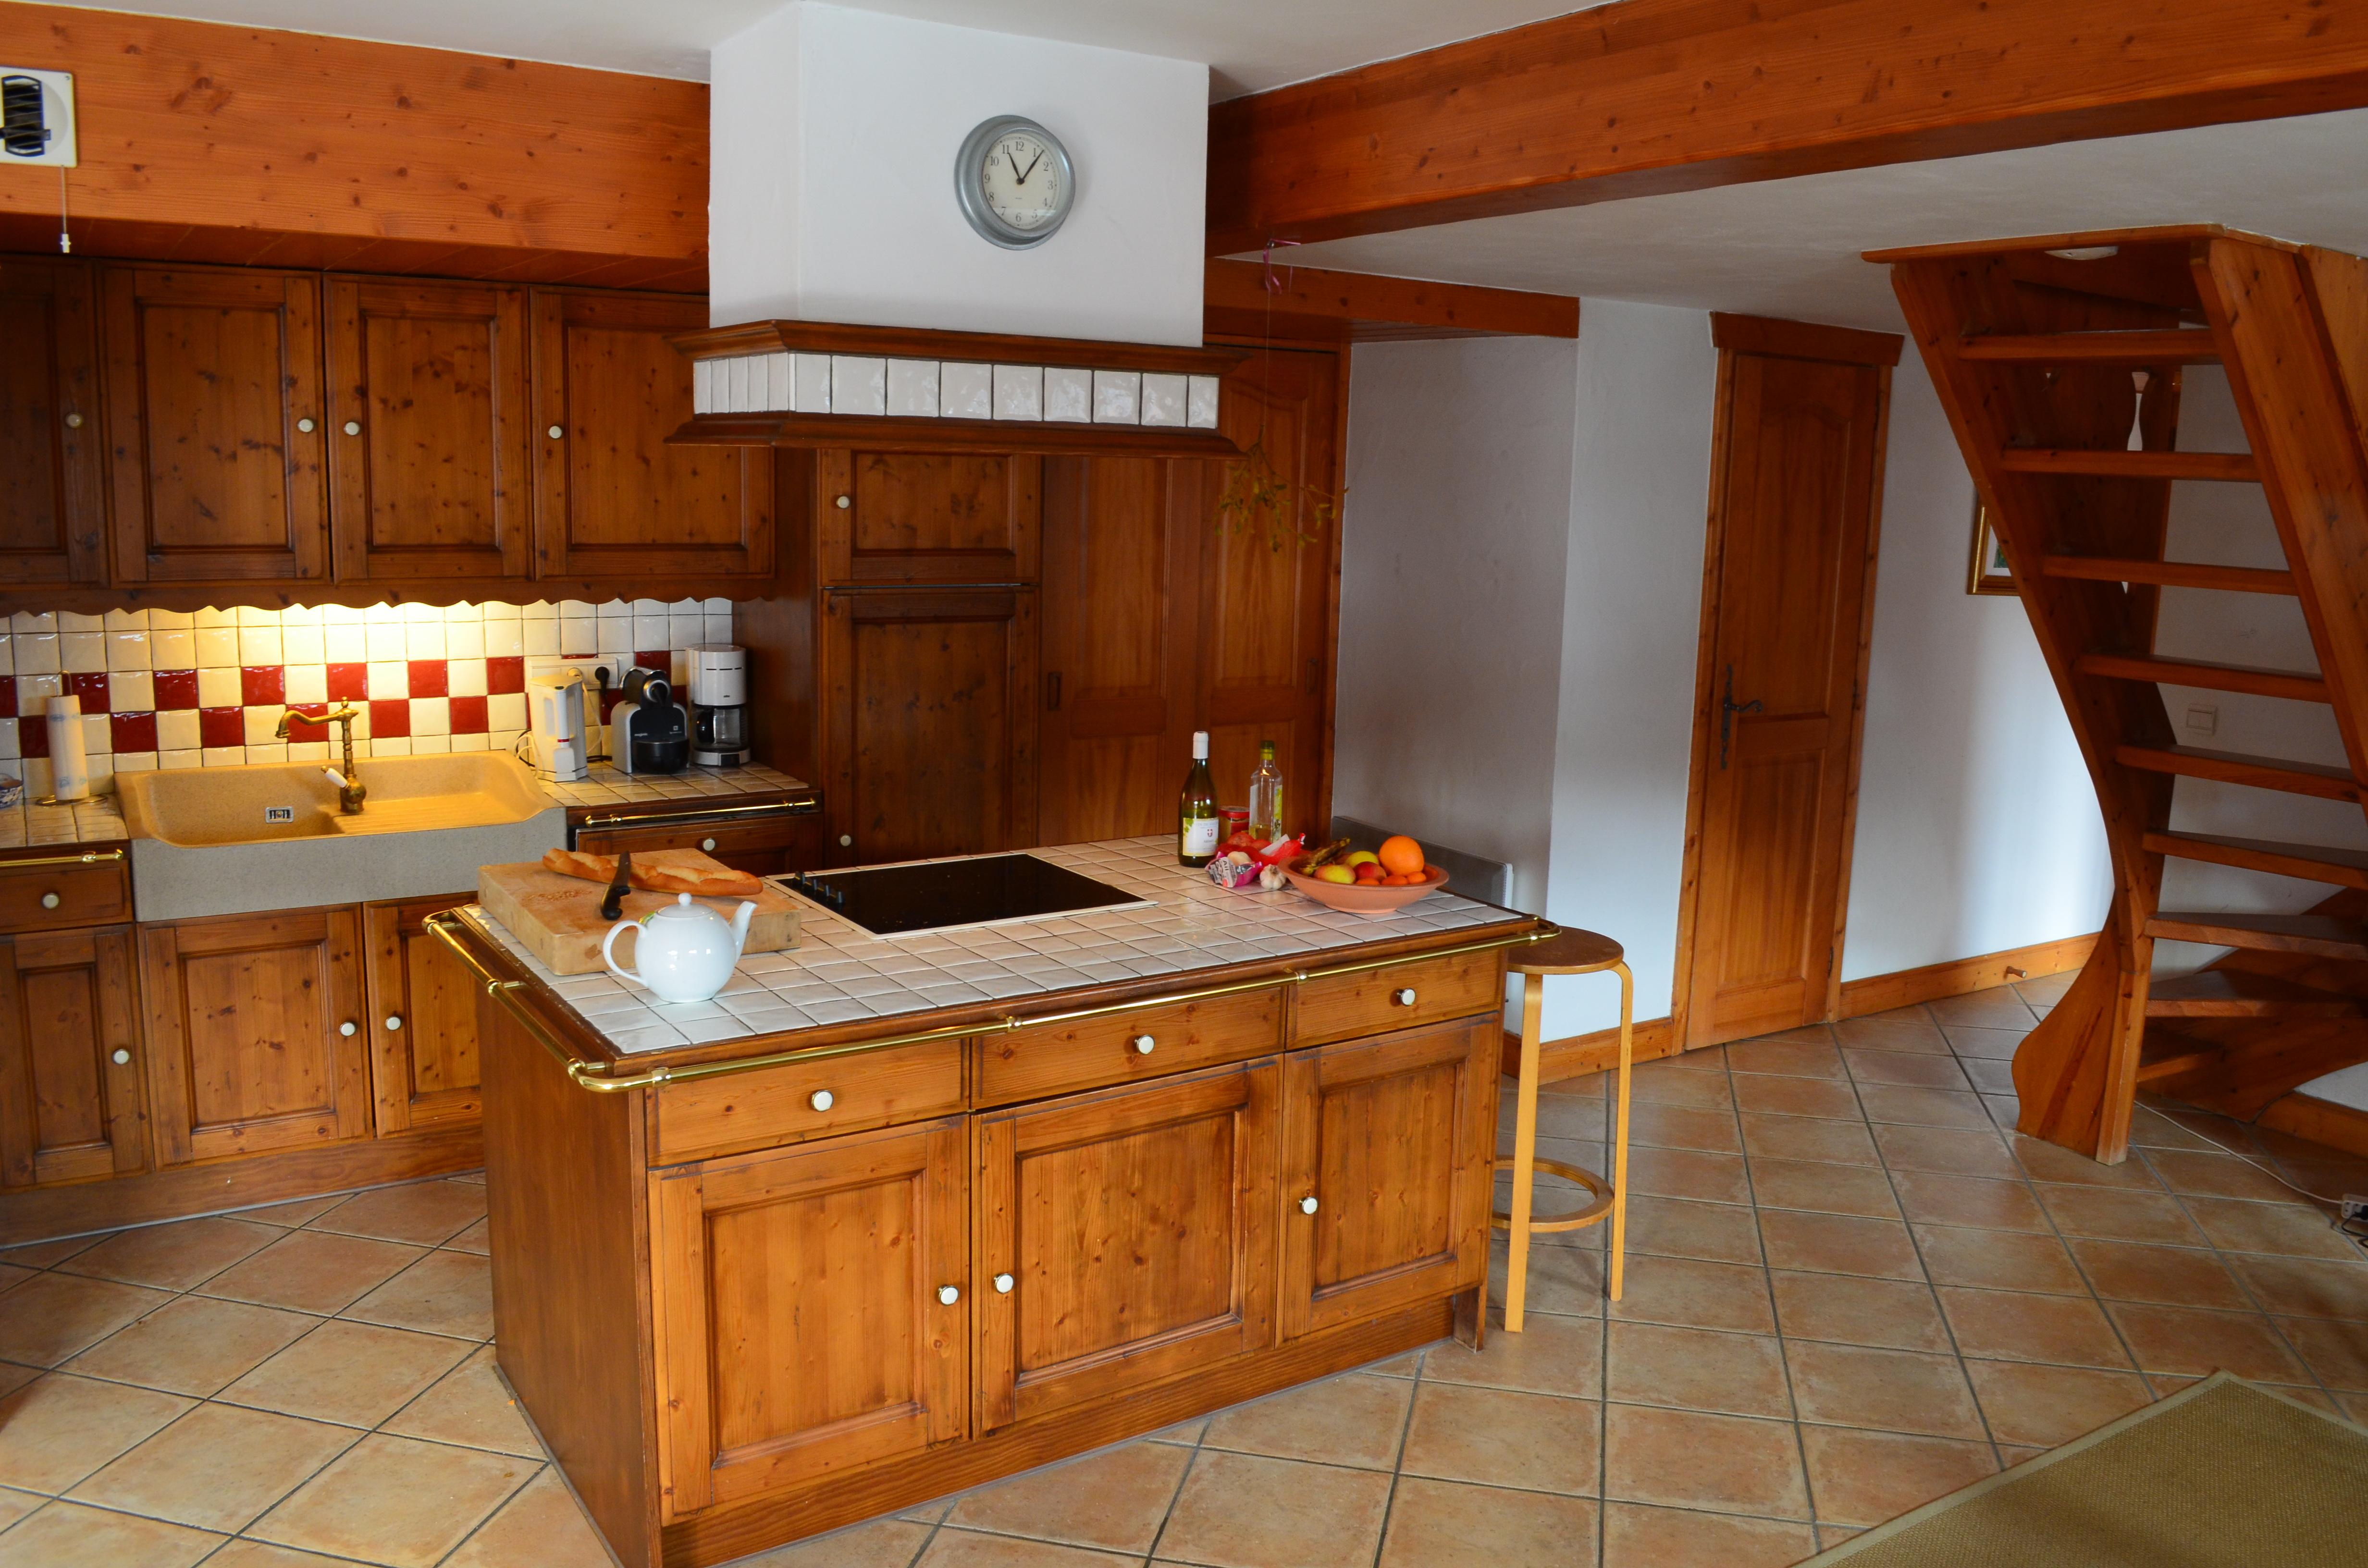 Keuken-zijkant